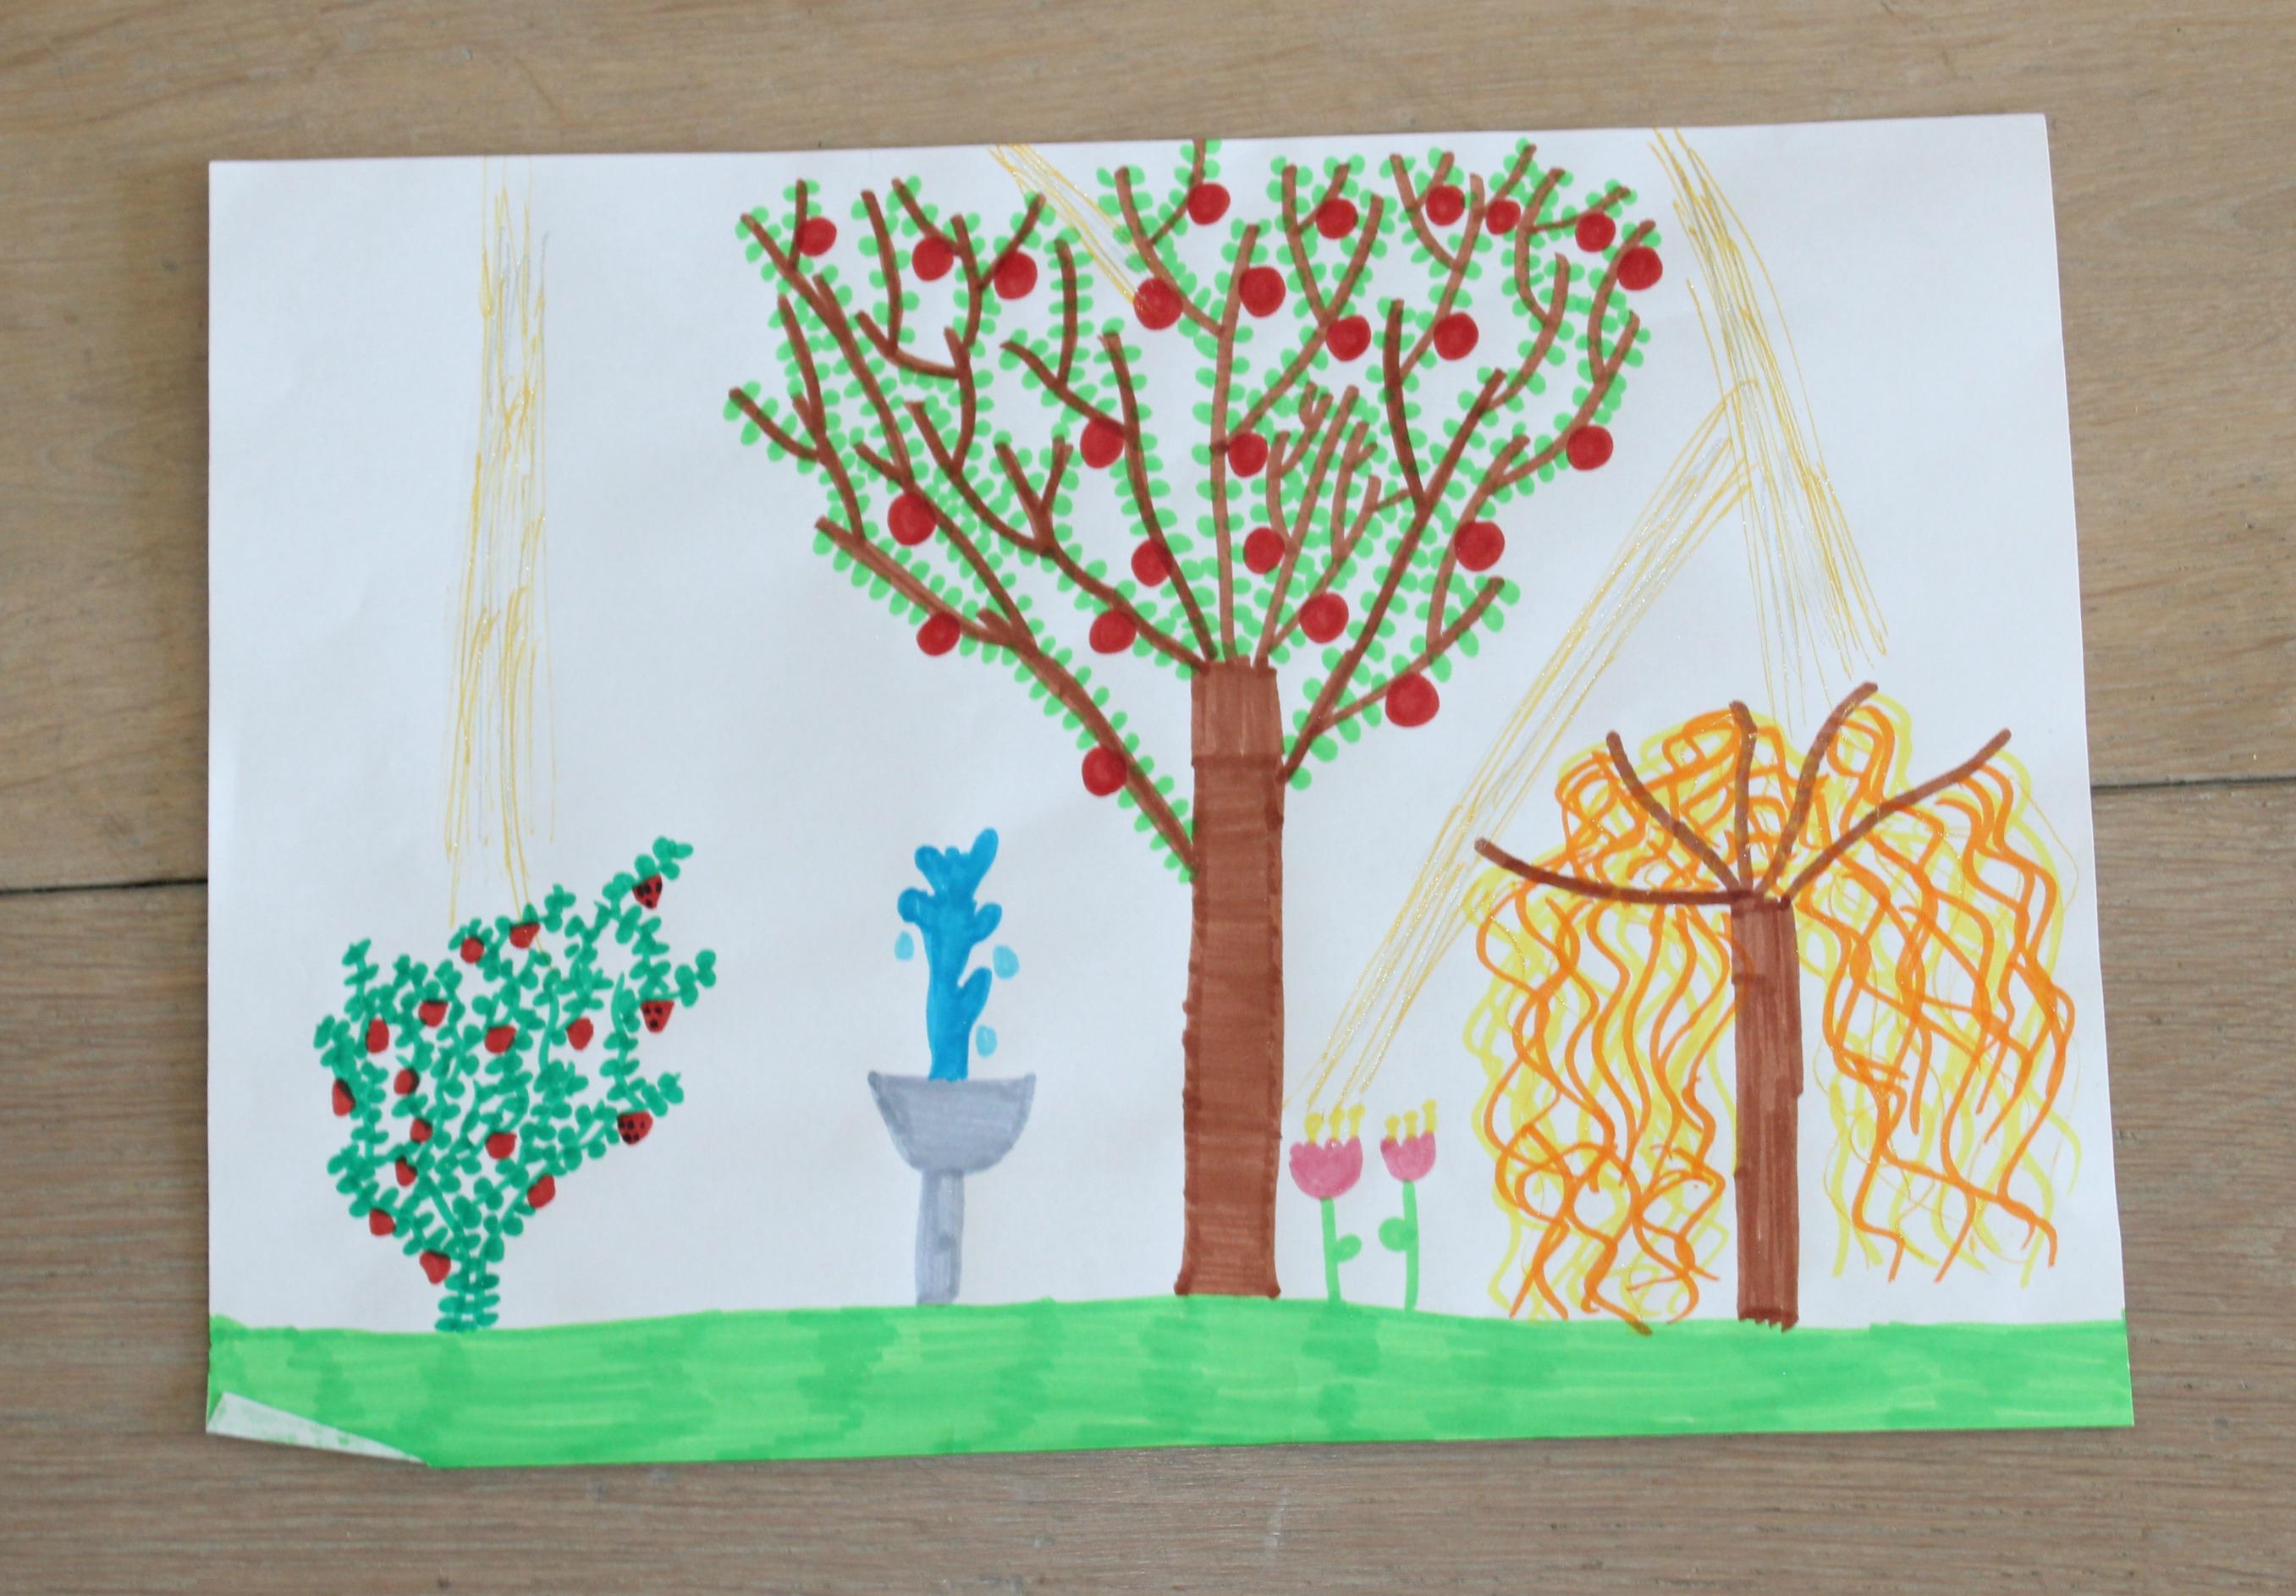 Creatieve Kinderkamer Ideeen : Fotofabriek-creatieve ideeen voor ...